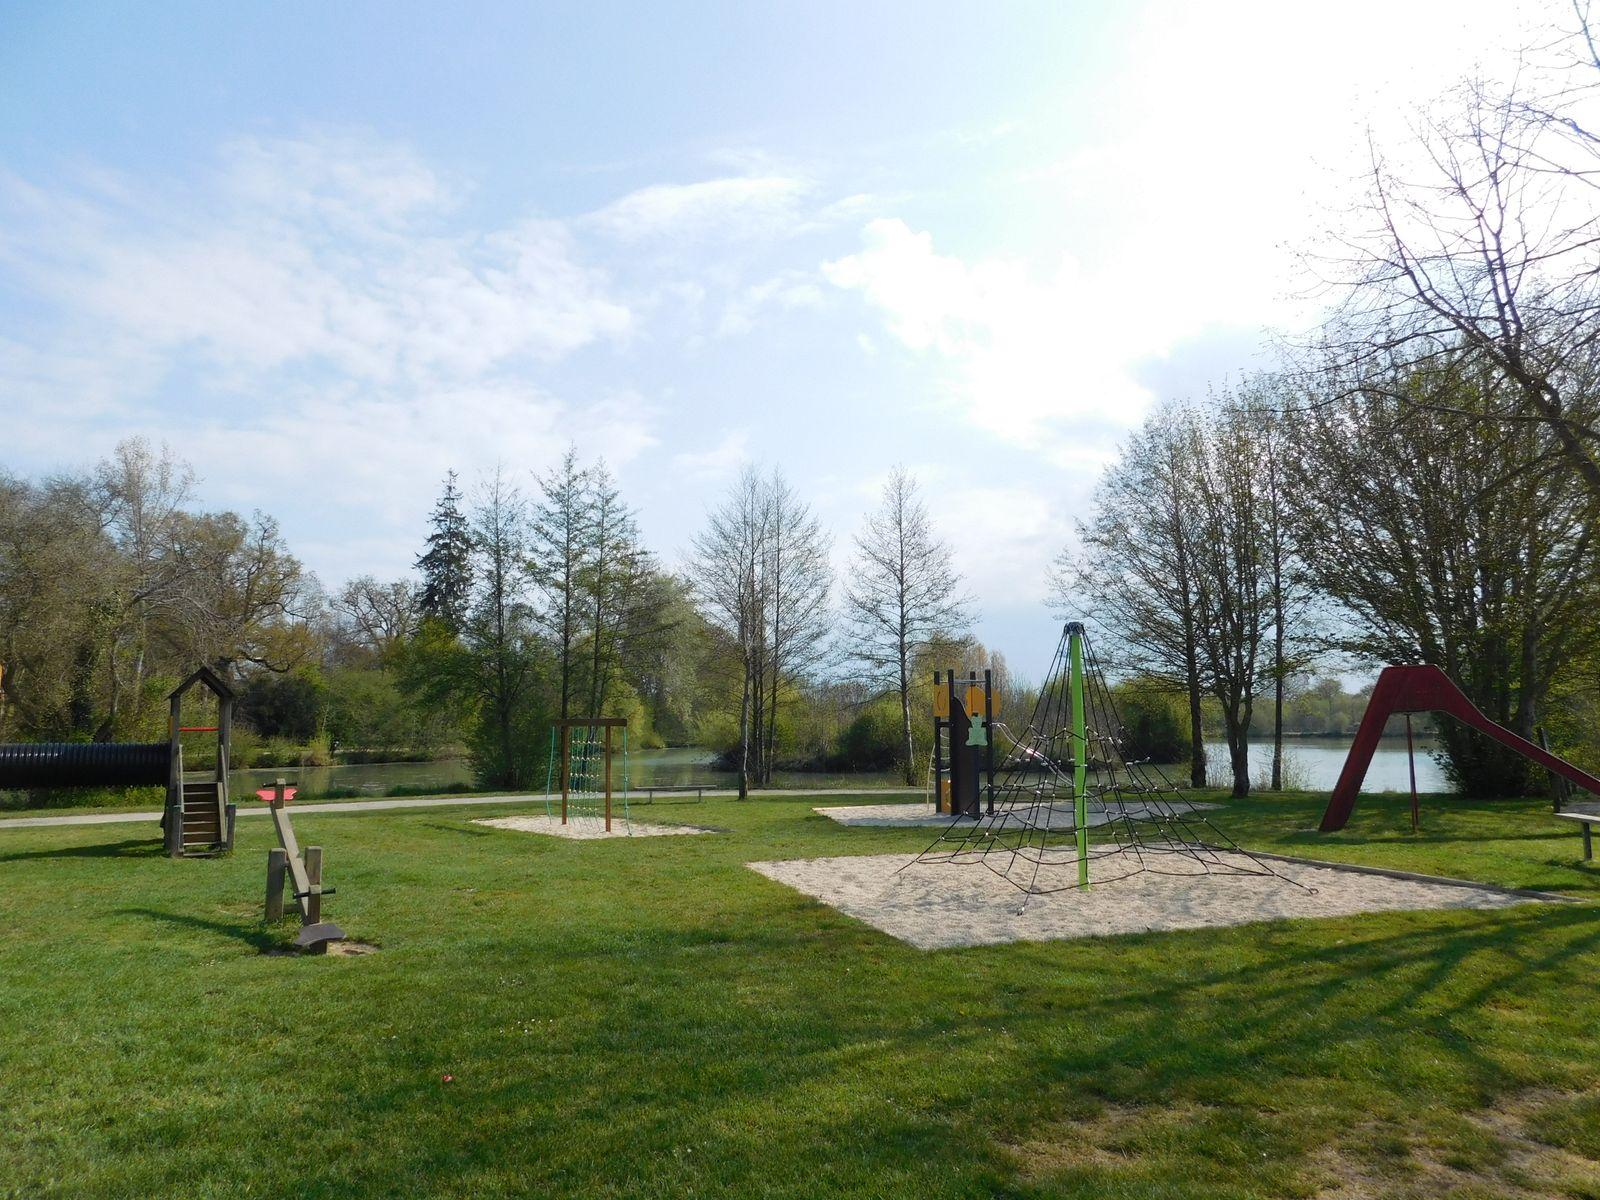 Jeux pour enfants à proximité du plan d'eau